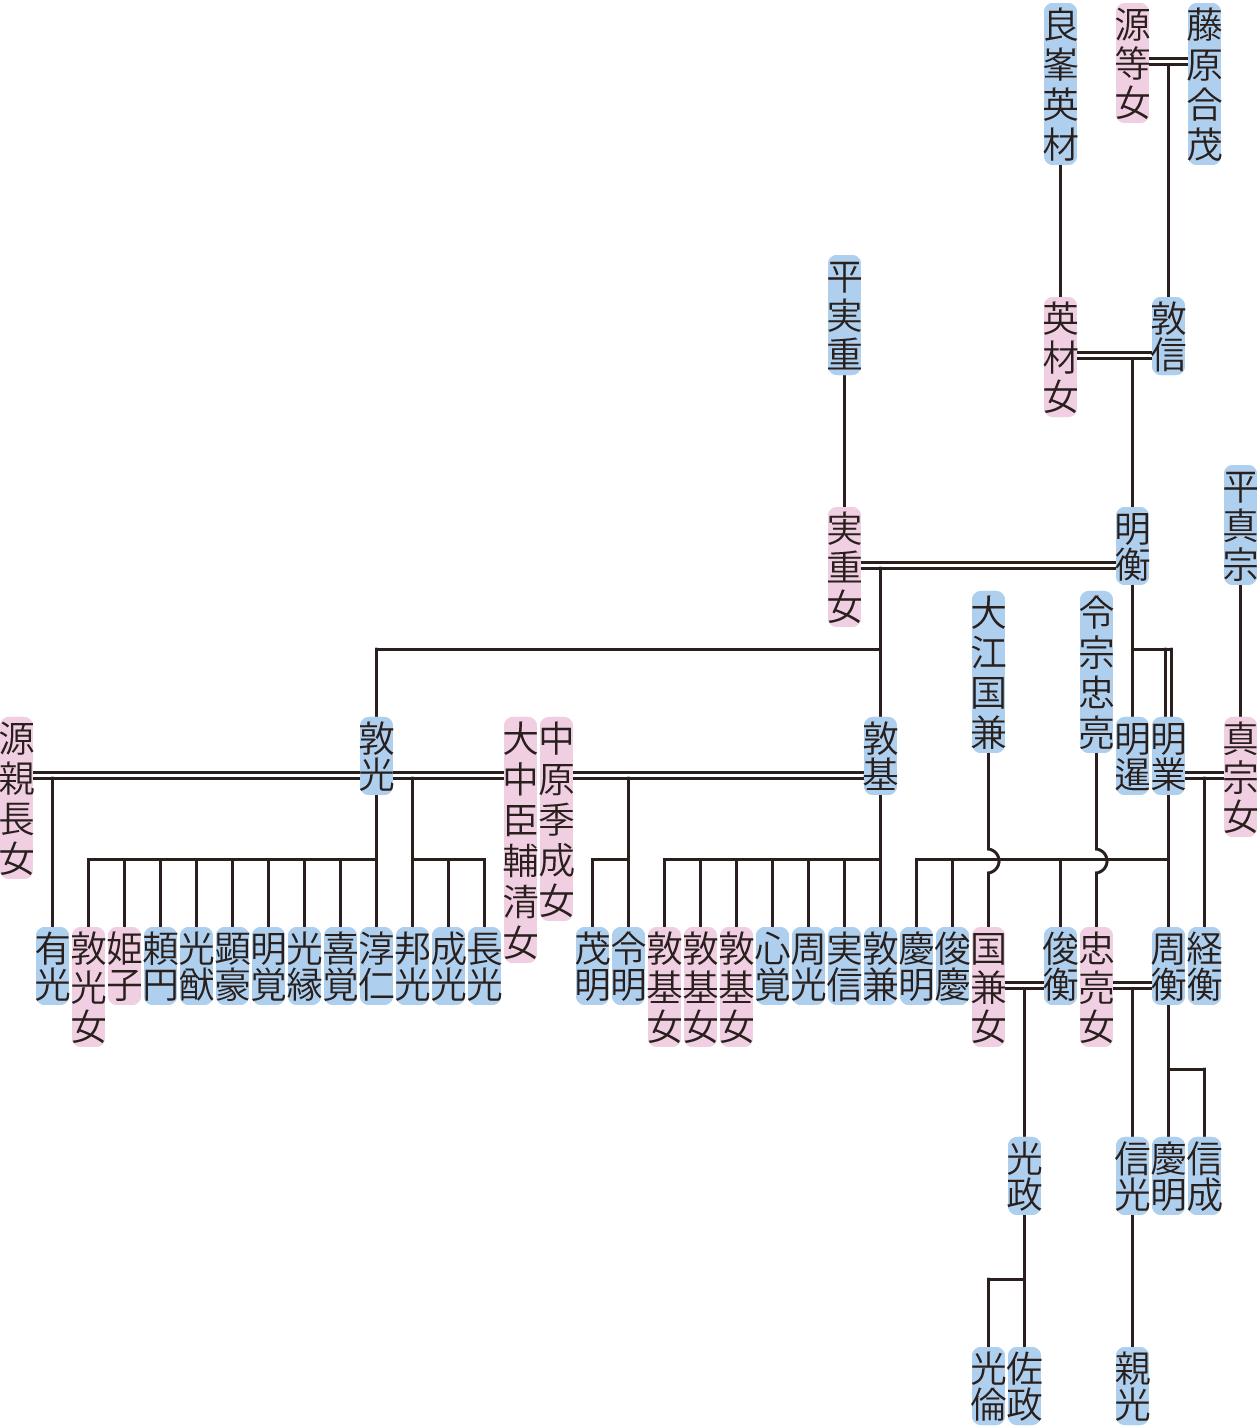 藤原明衡の系図